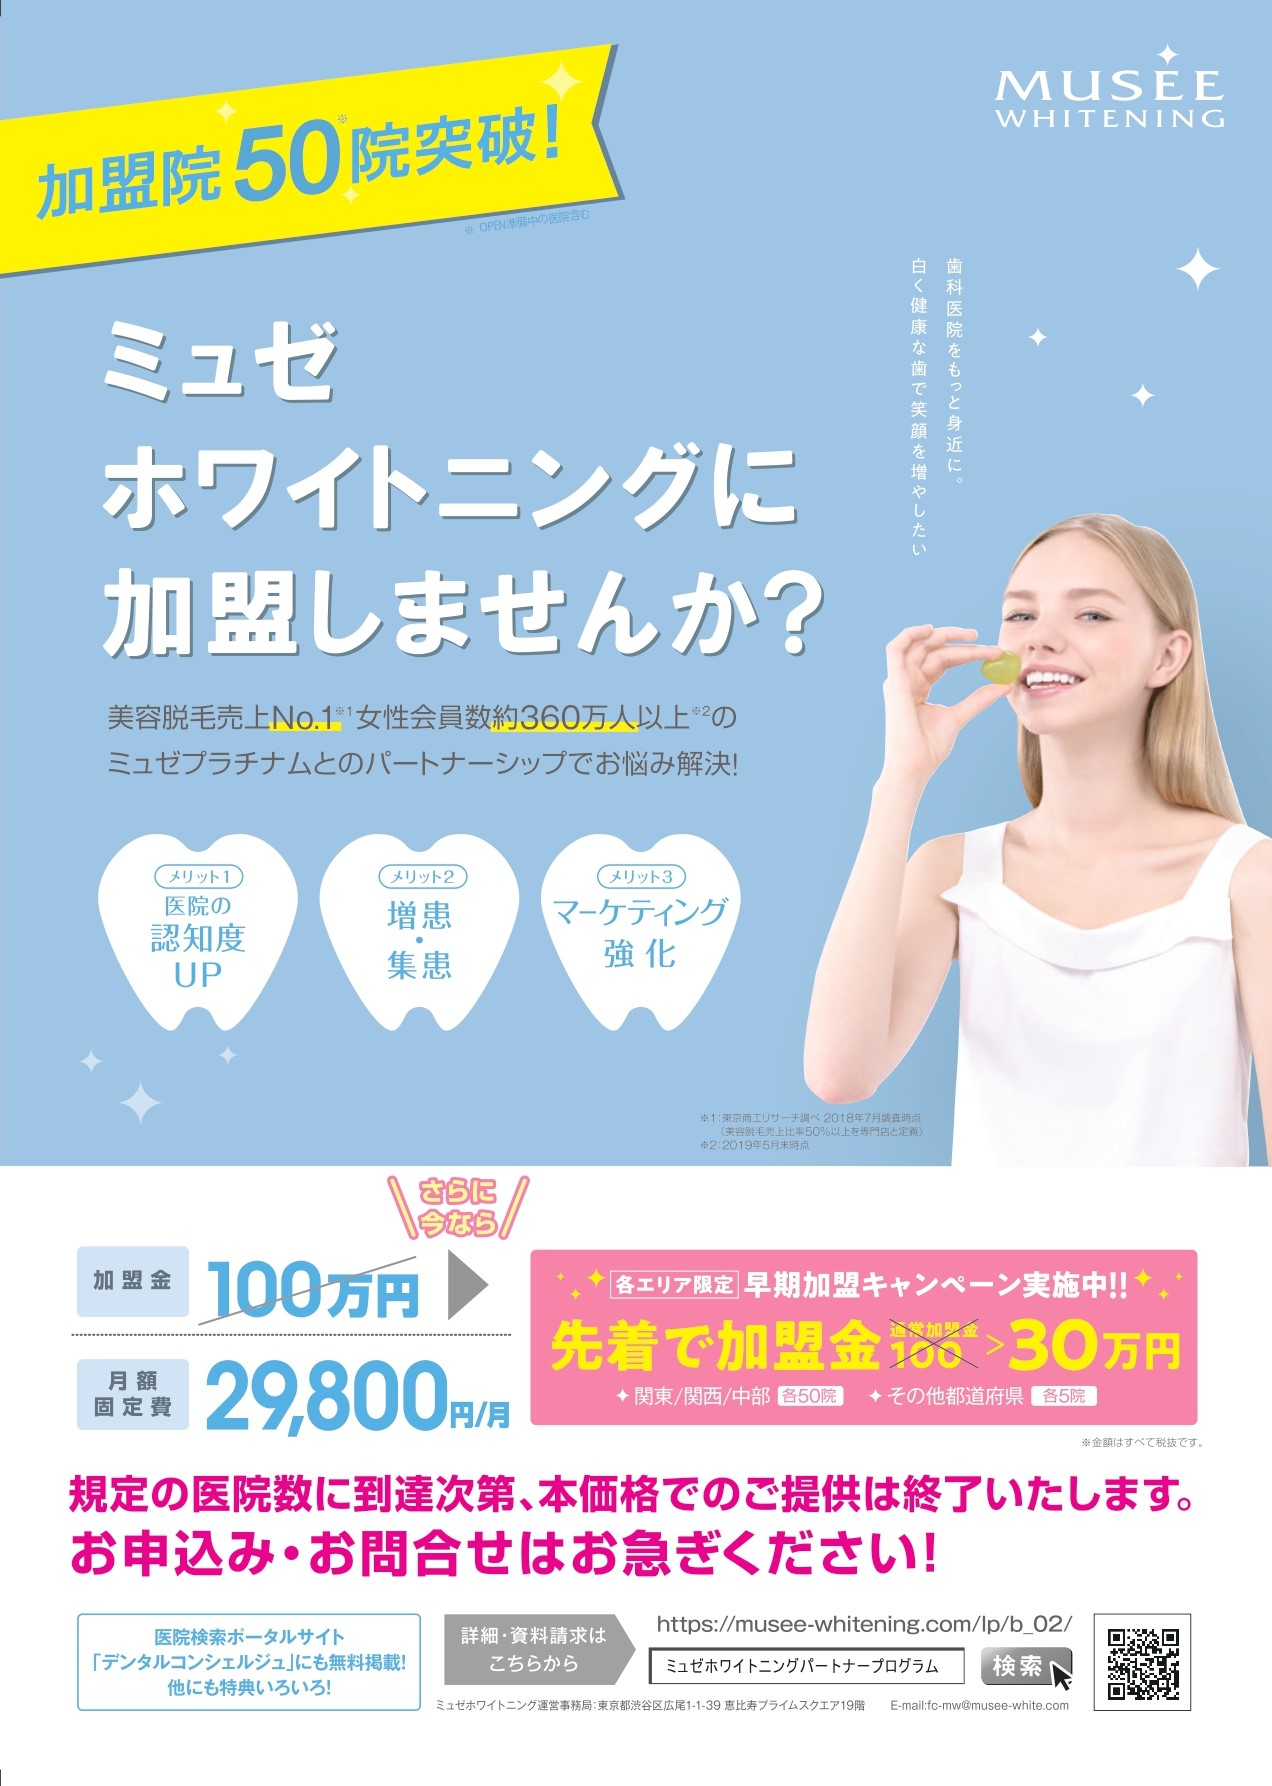 【参加費無料】ミュゼホワイトニング パートナープログラム説明会